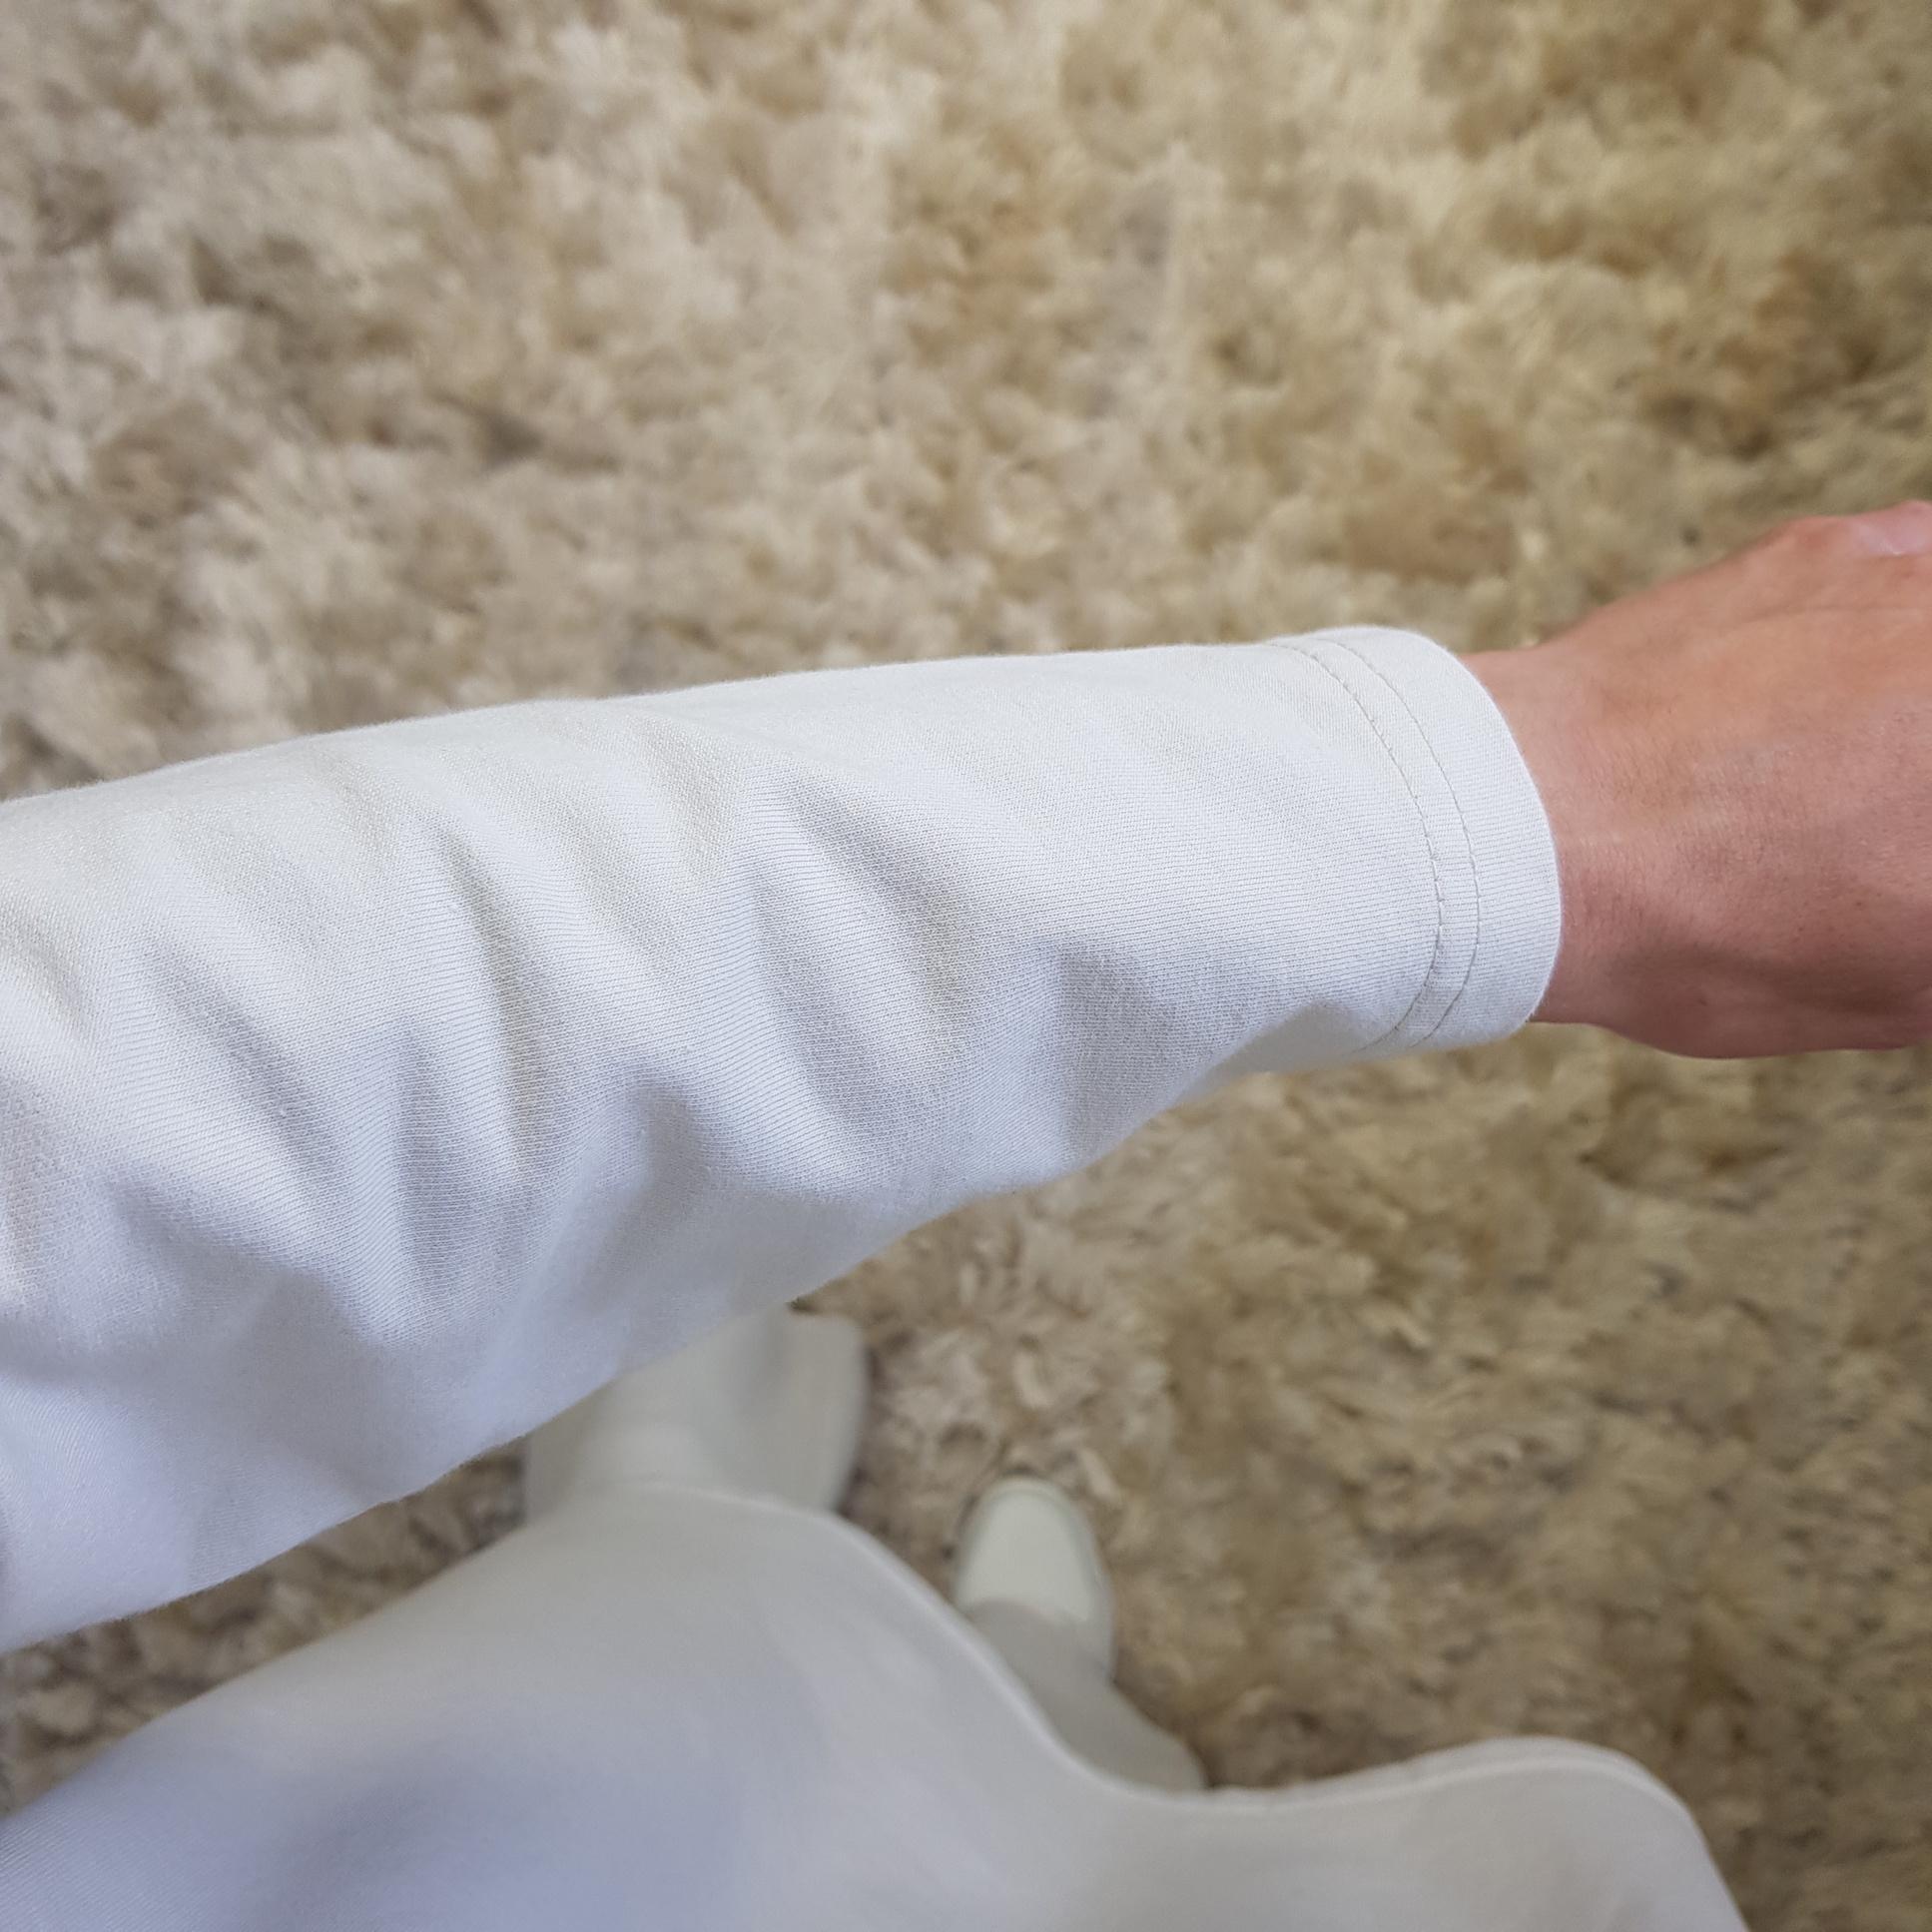 Setje chietino (katoen) off-white